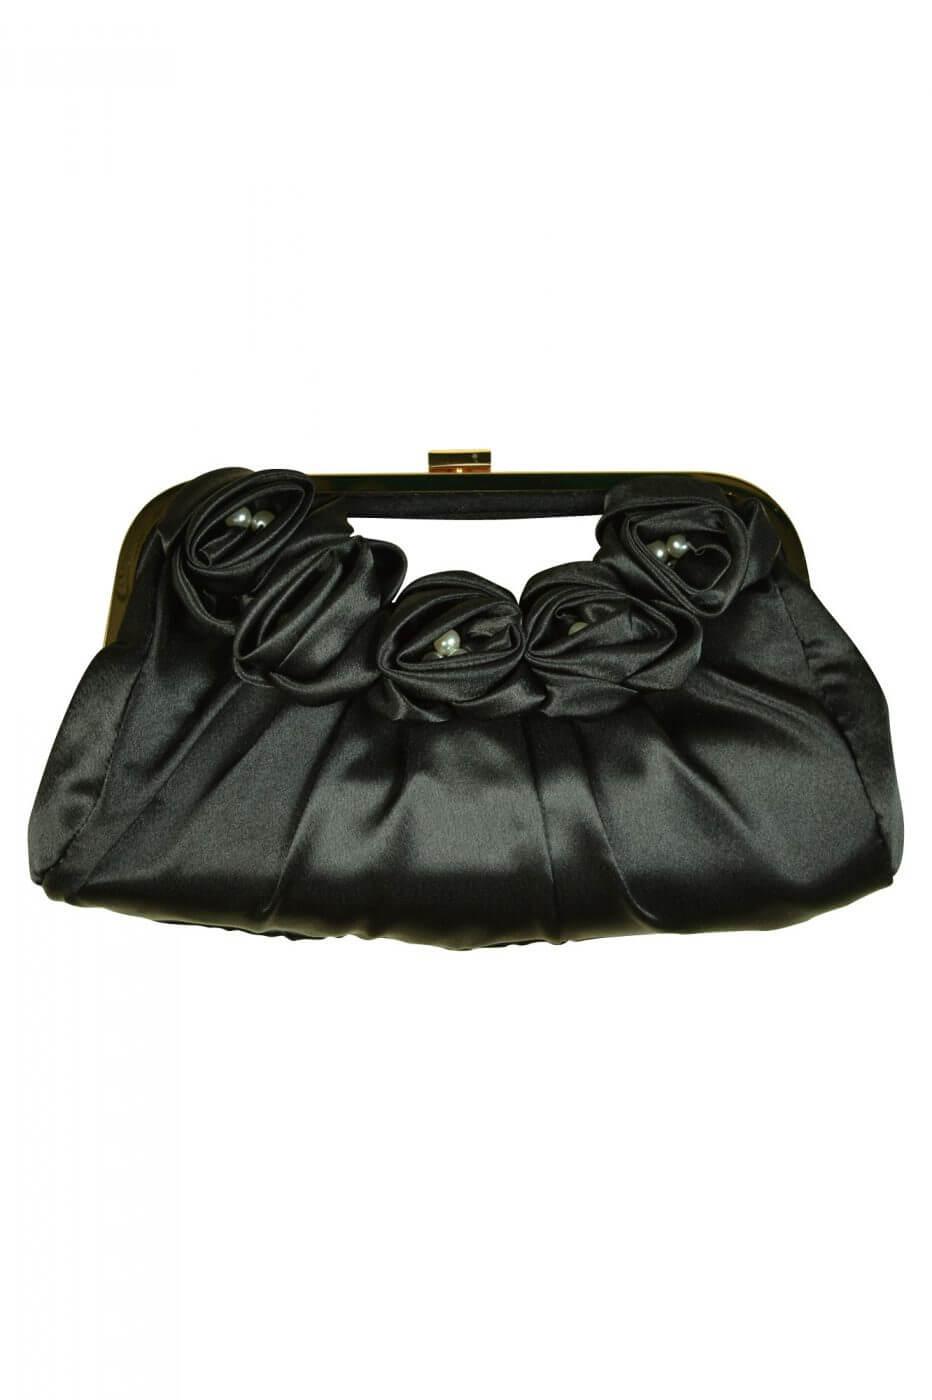 ビヲミナ(VIWOMINA)持ち手付きローズブラックバッグ